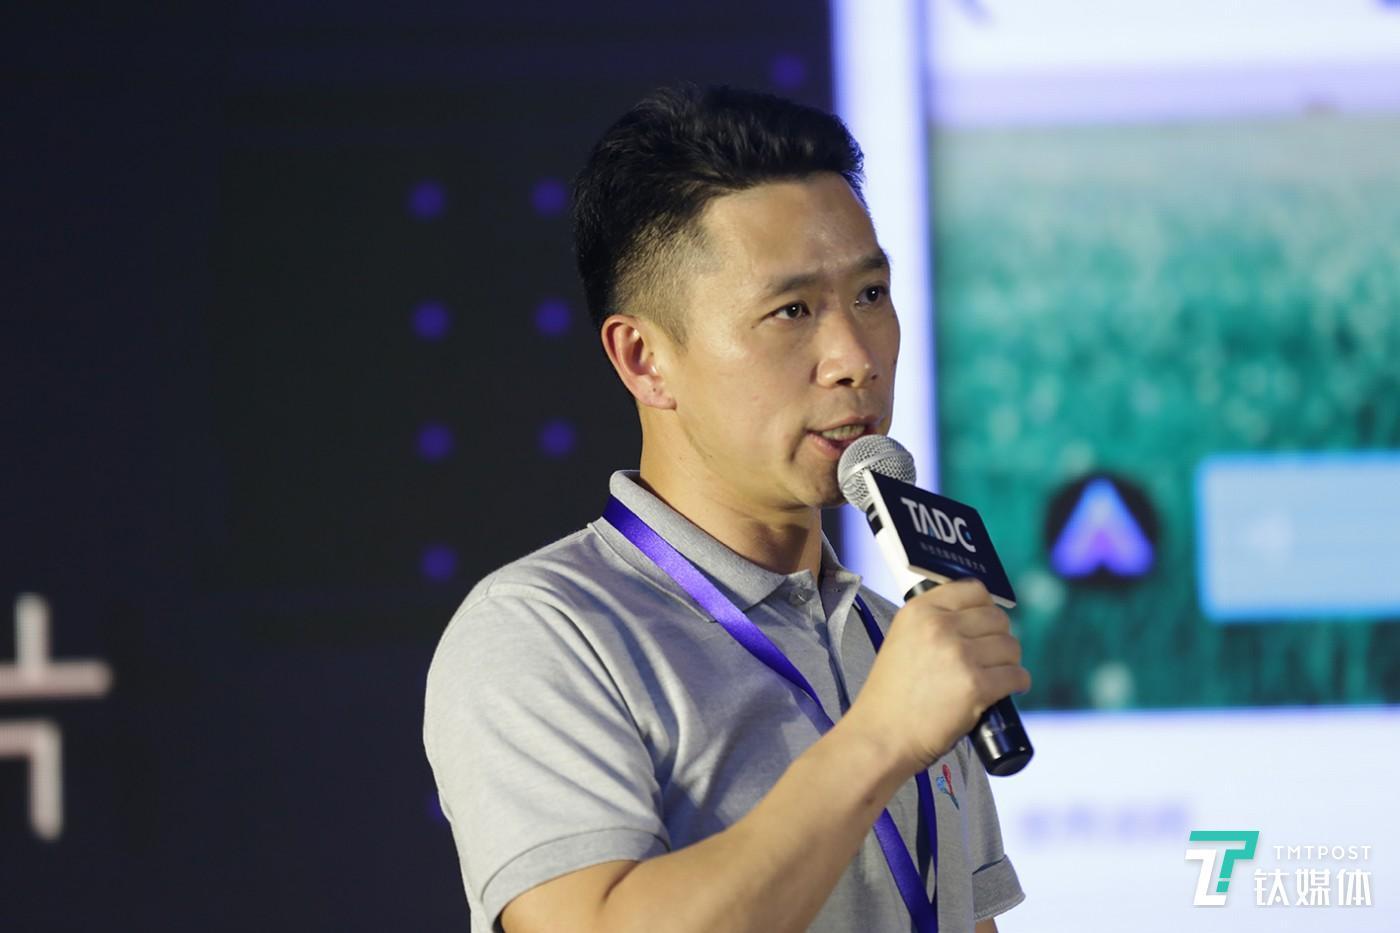 腾讯社交平台部副总经理许华彬